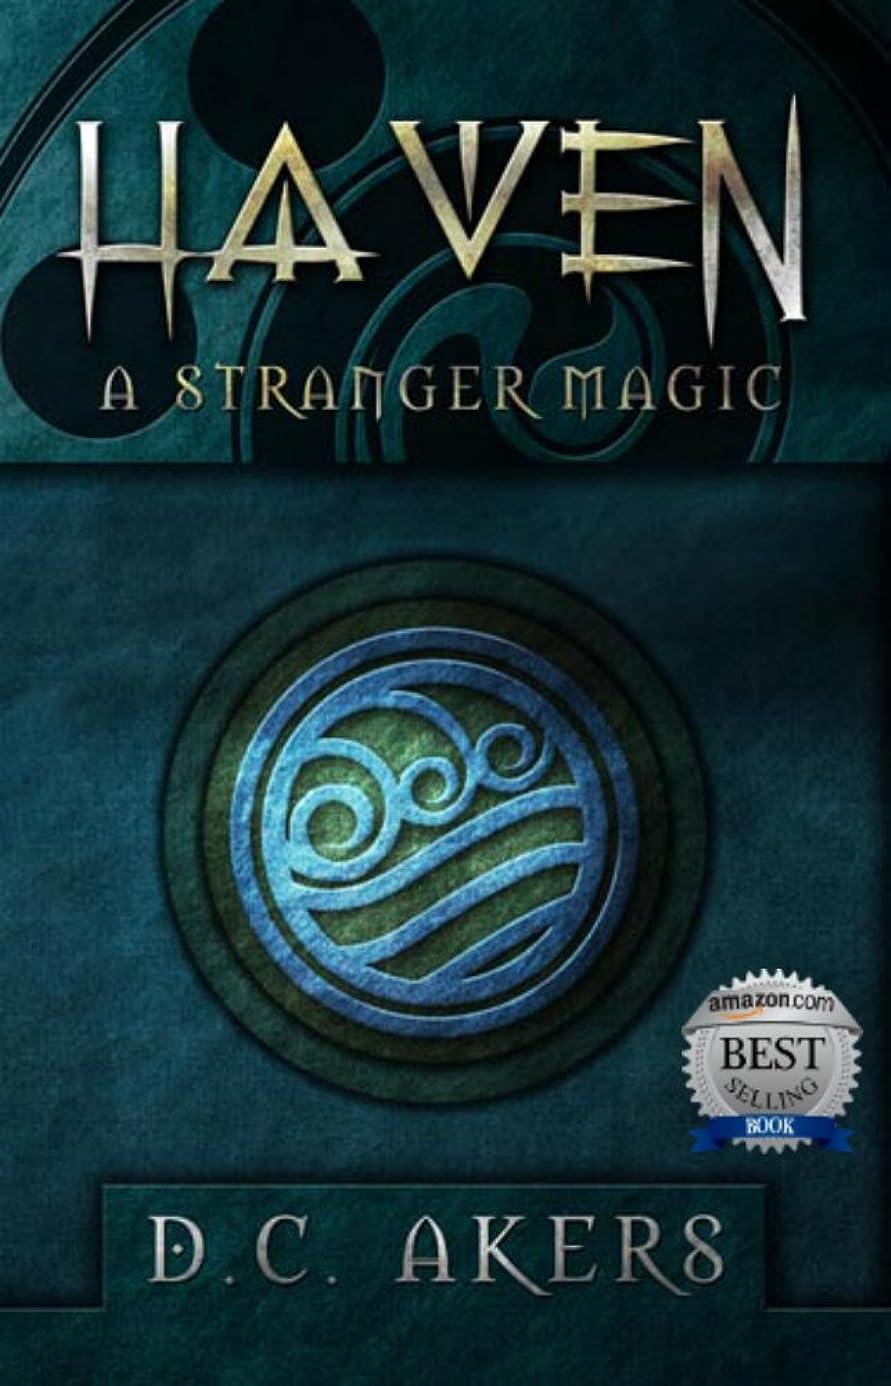 摂氏度人生を作る部屋を掃除するHaven: A Stranger Magic: (A Fantasy Adventure Thriller, Brimming with Mystery, Action and Suspense) (Haven Series Book 1) (English Edition)